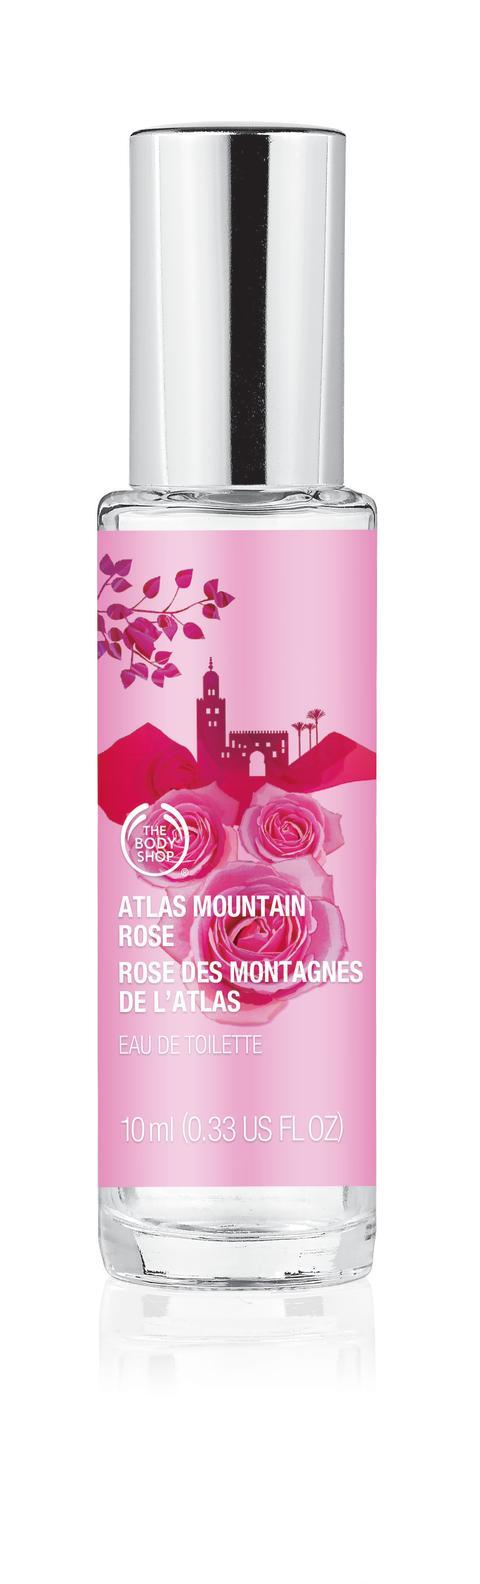 Atlas Mountain Rose Mini EdT